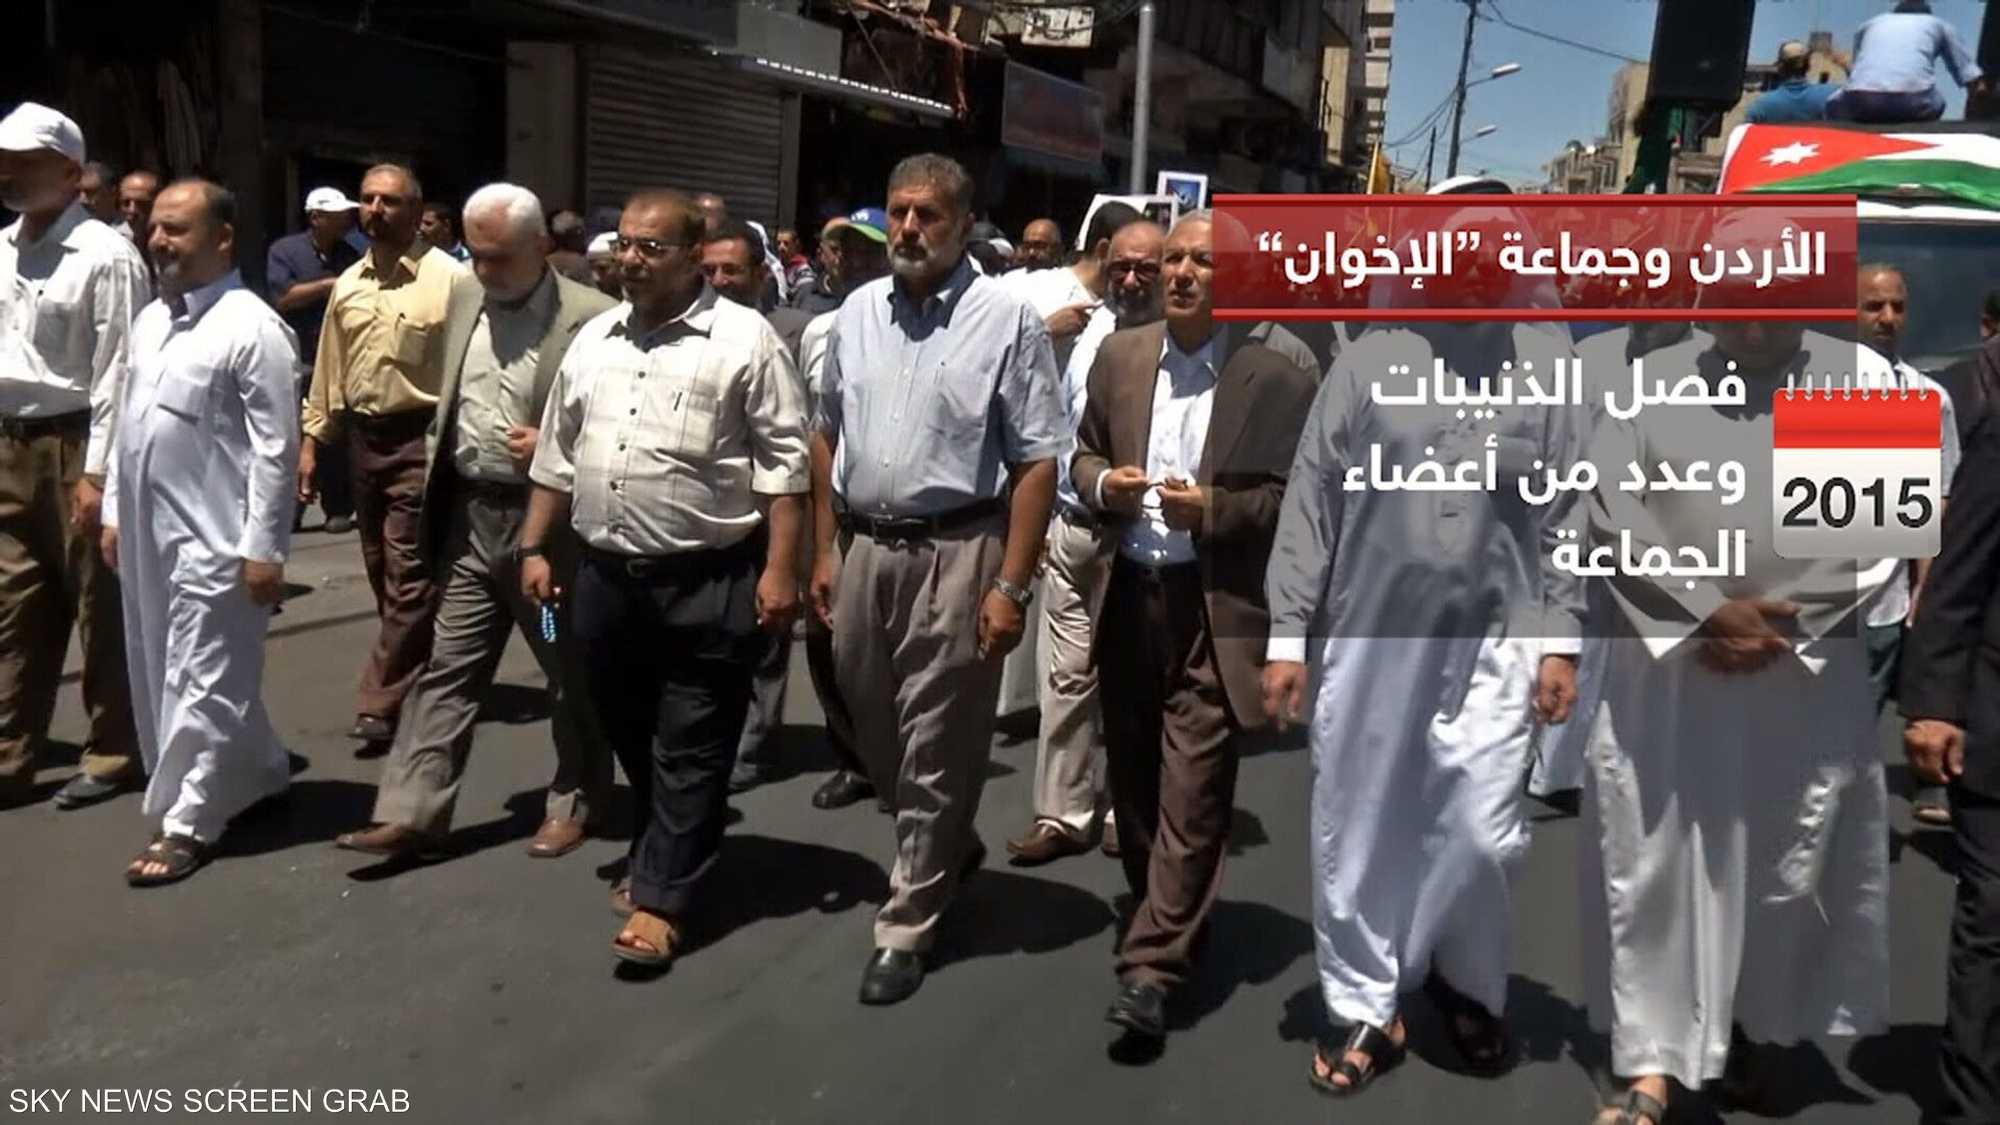 إخوان الأردن تسببوا في اضطربات مع الحكومات الأردنية المتعاقب